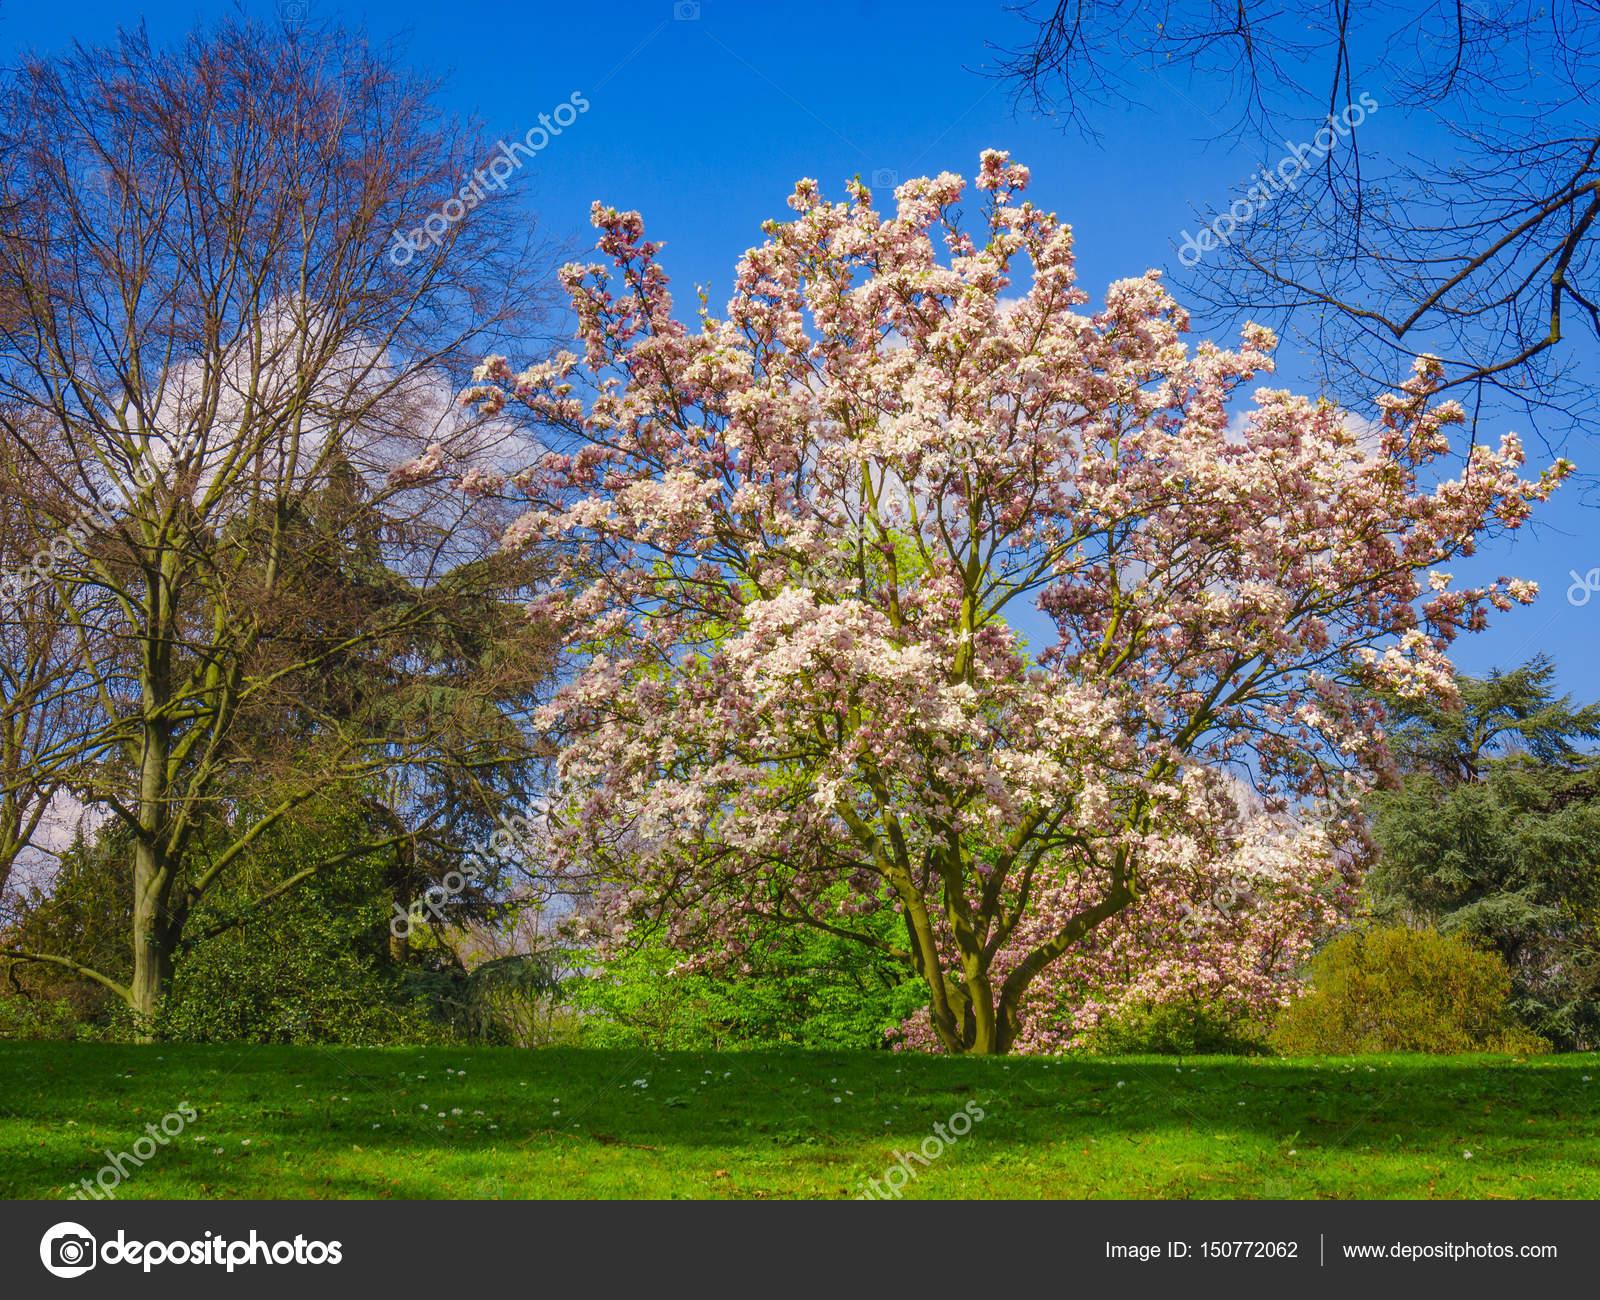 Uma Bela Arvore Magnolia Magnolia Arborea Stock Photo C Ewastudio 150772062